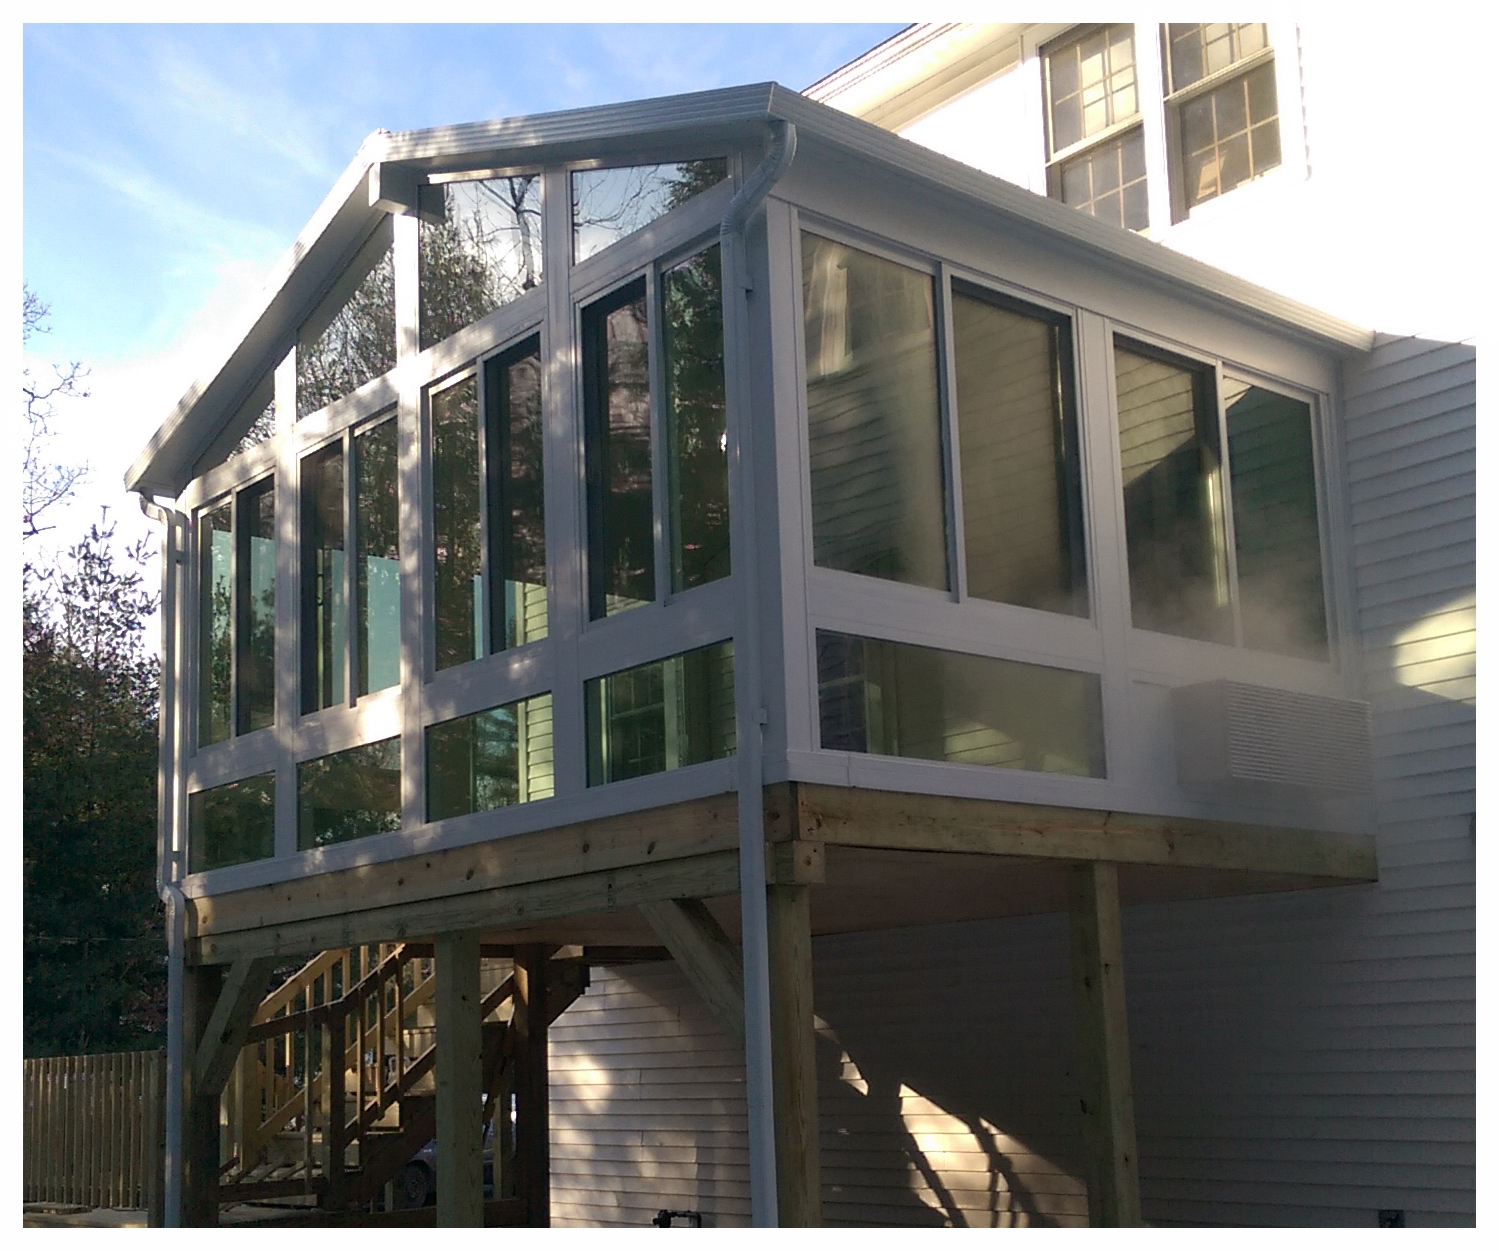 Year-round sunrooms - New Hampshire